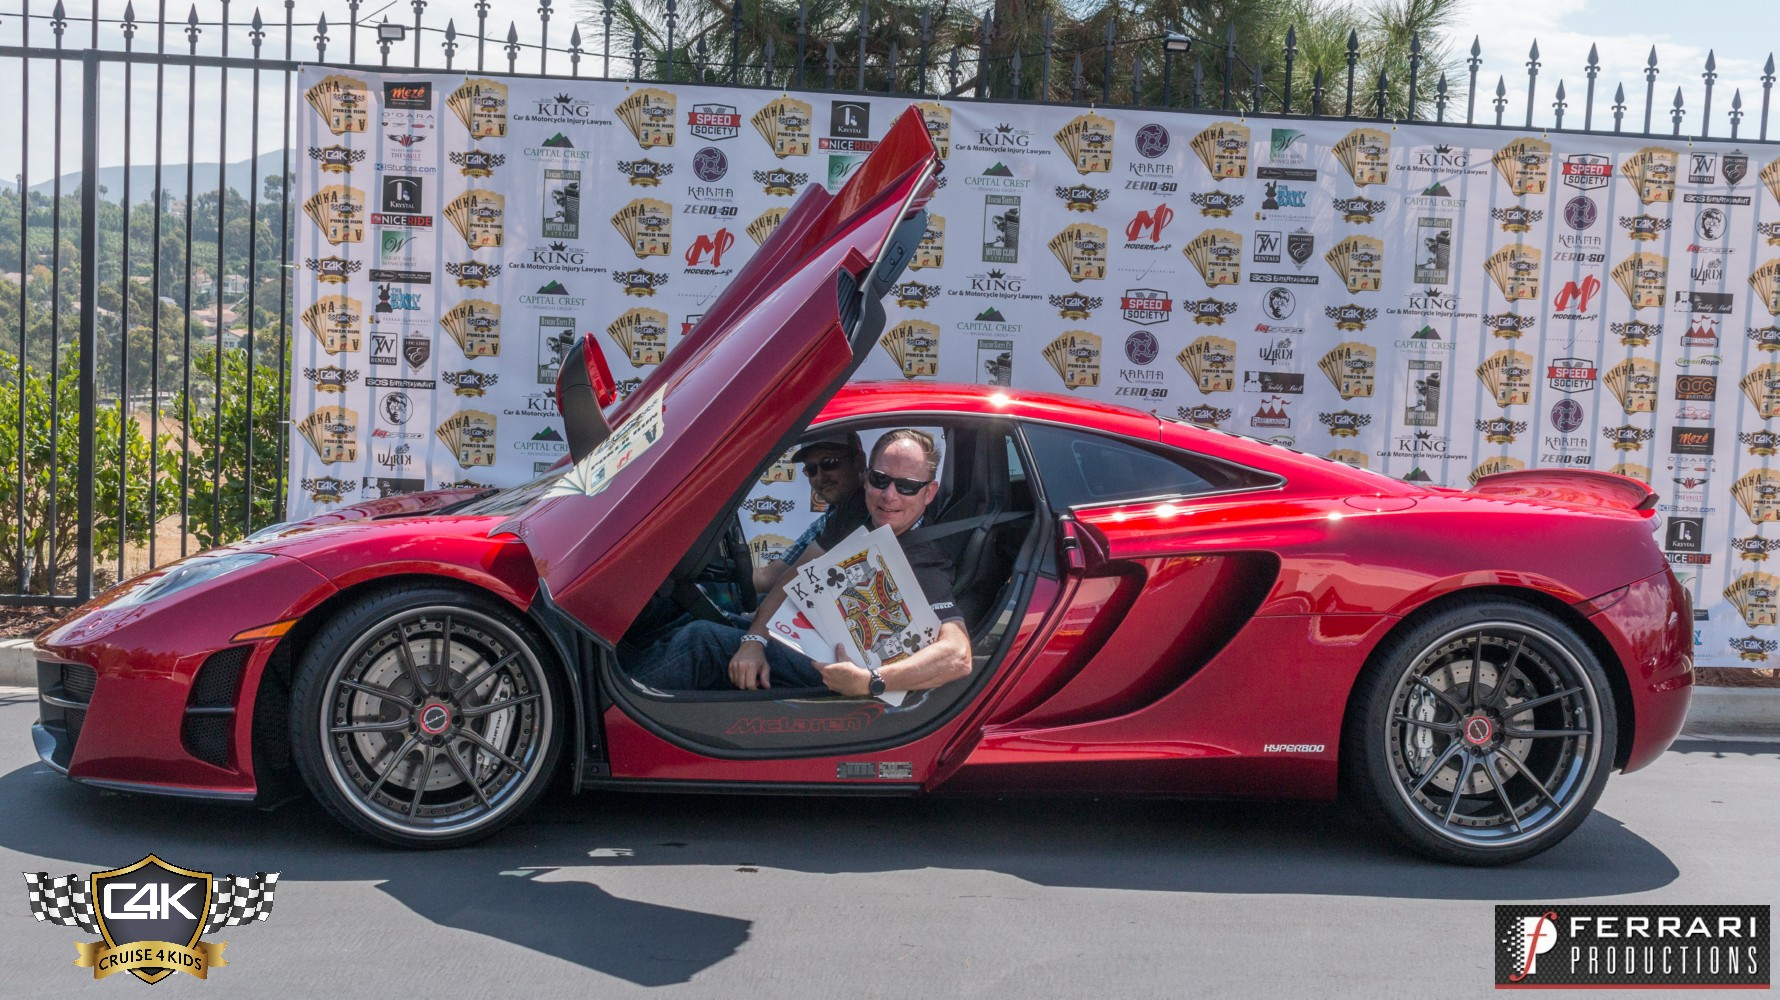 Ferrari-Productions-2017-C4K-Poker-Run-74.jpg